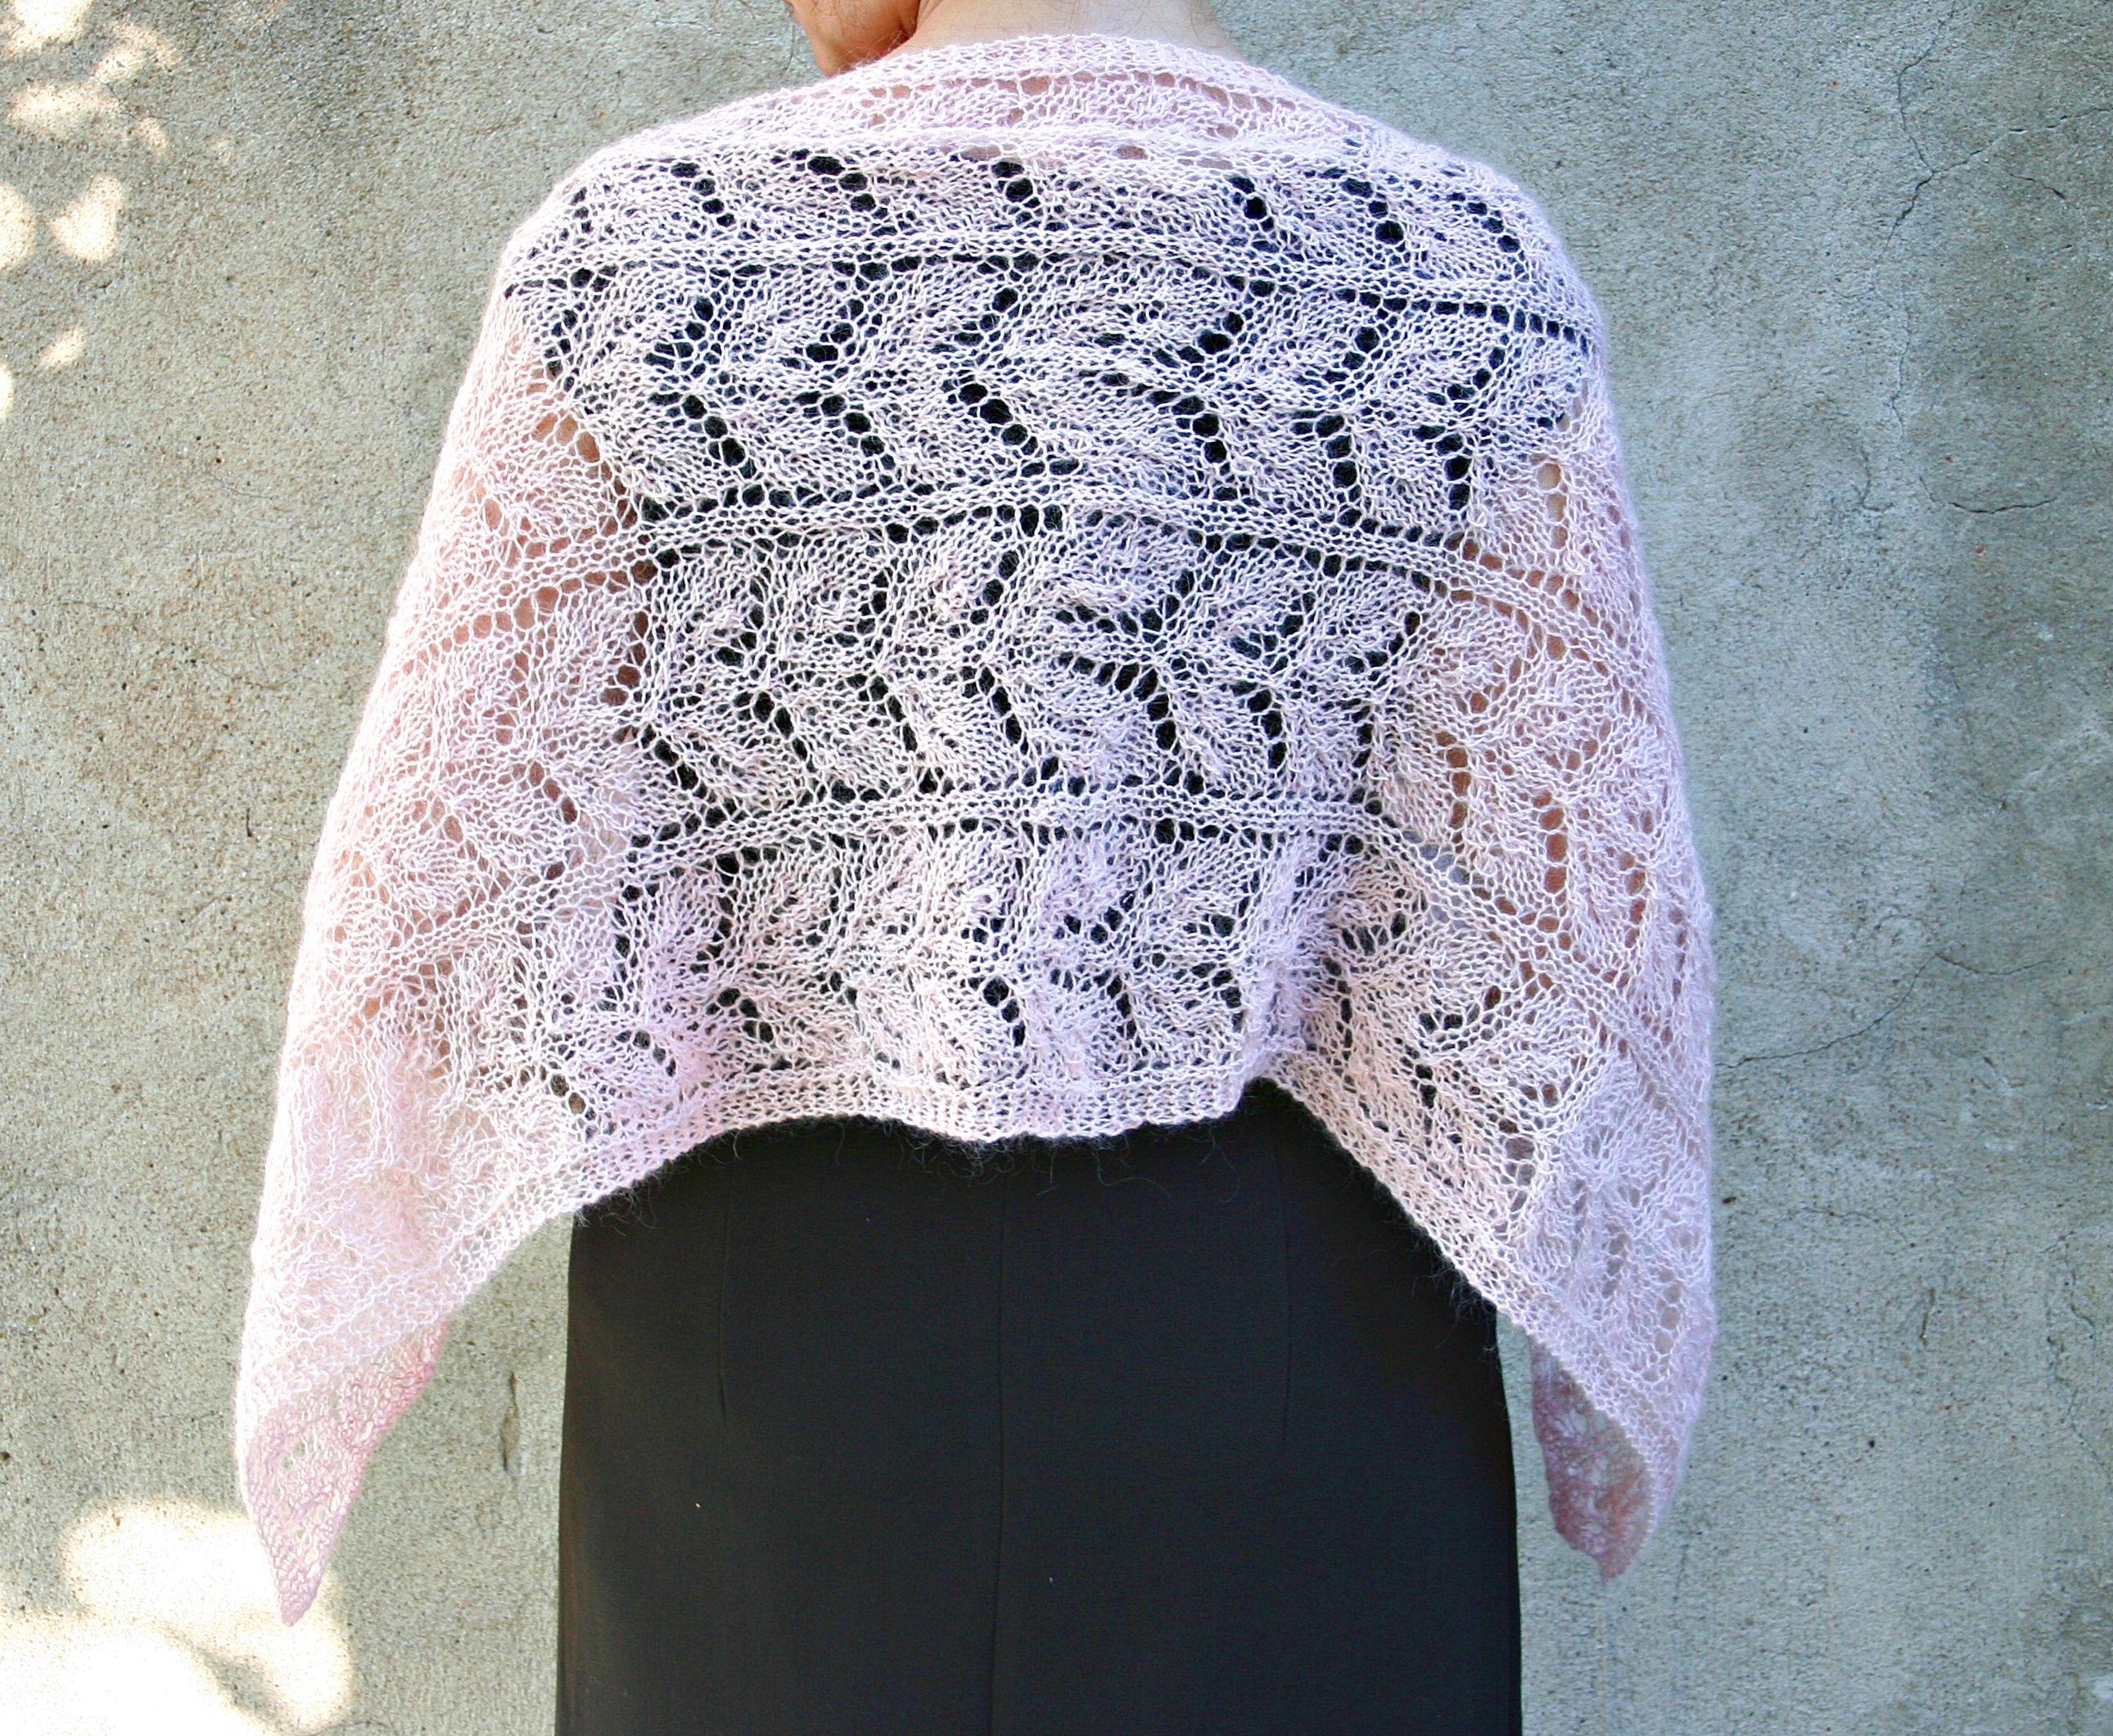 Elegant Lace Shawl Drops Pattern Ks 053 Drops